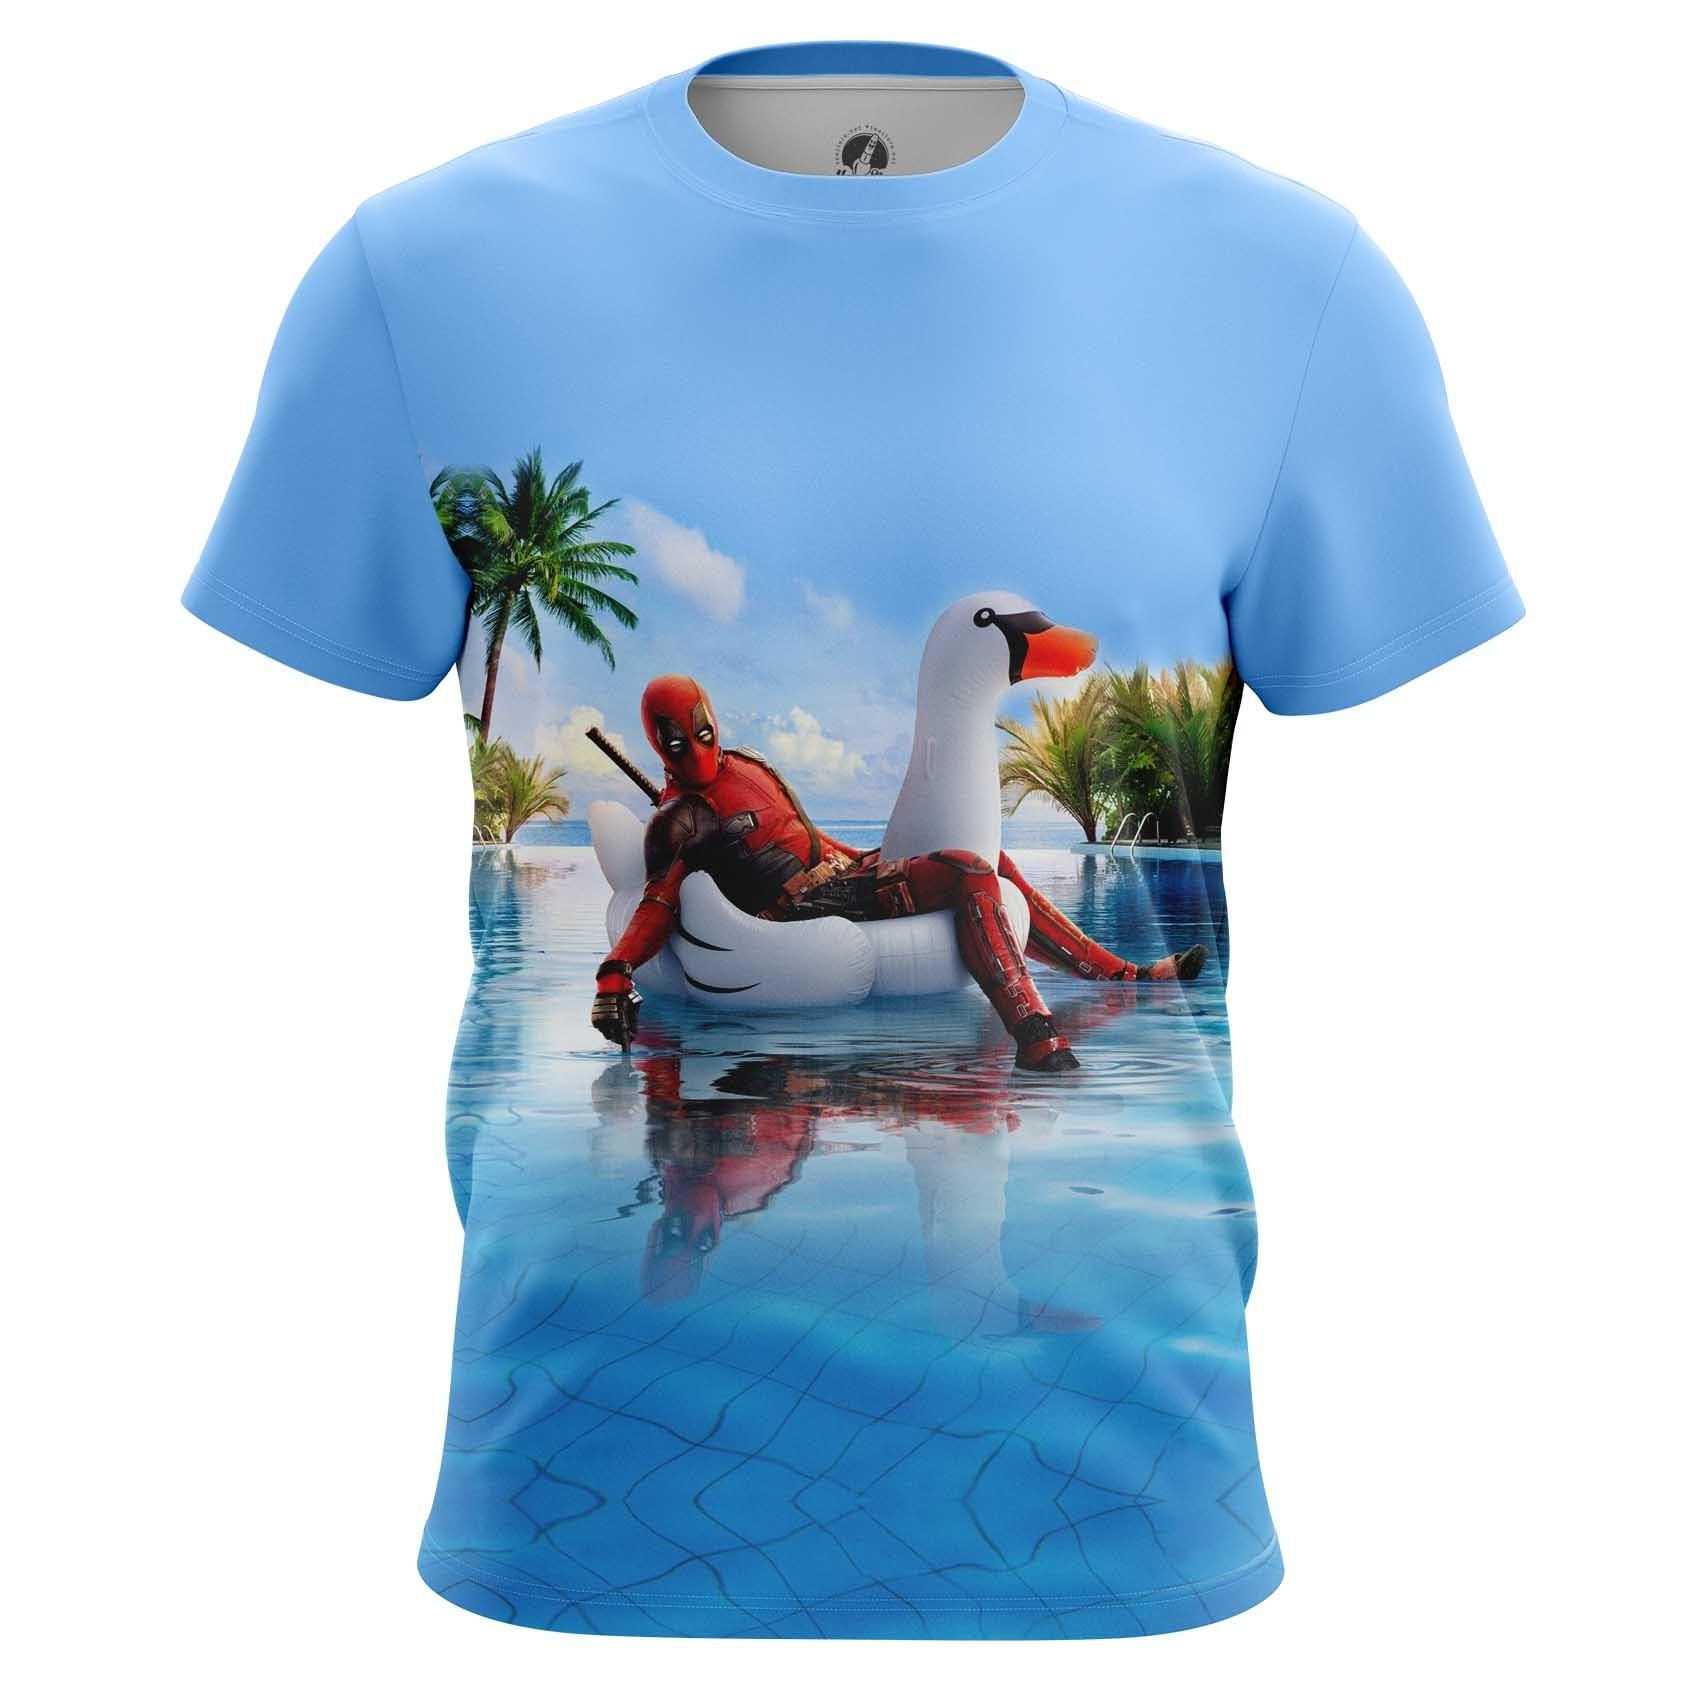 Merchandise T-Shirt Deadpool Literally Meaning Art Humor Marvel